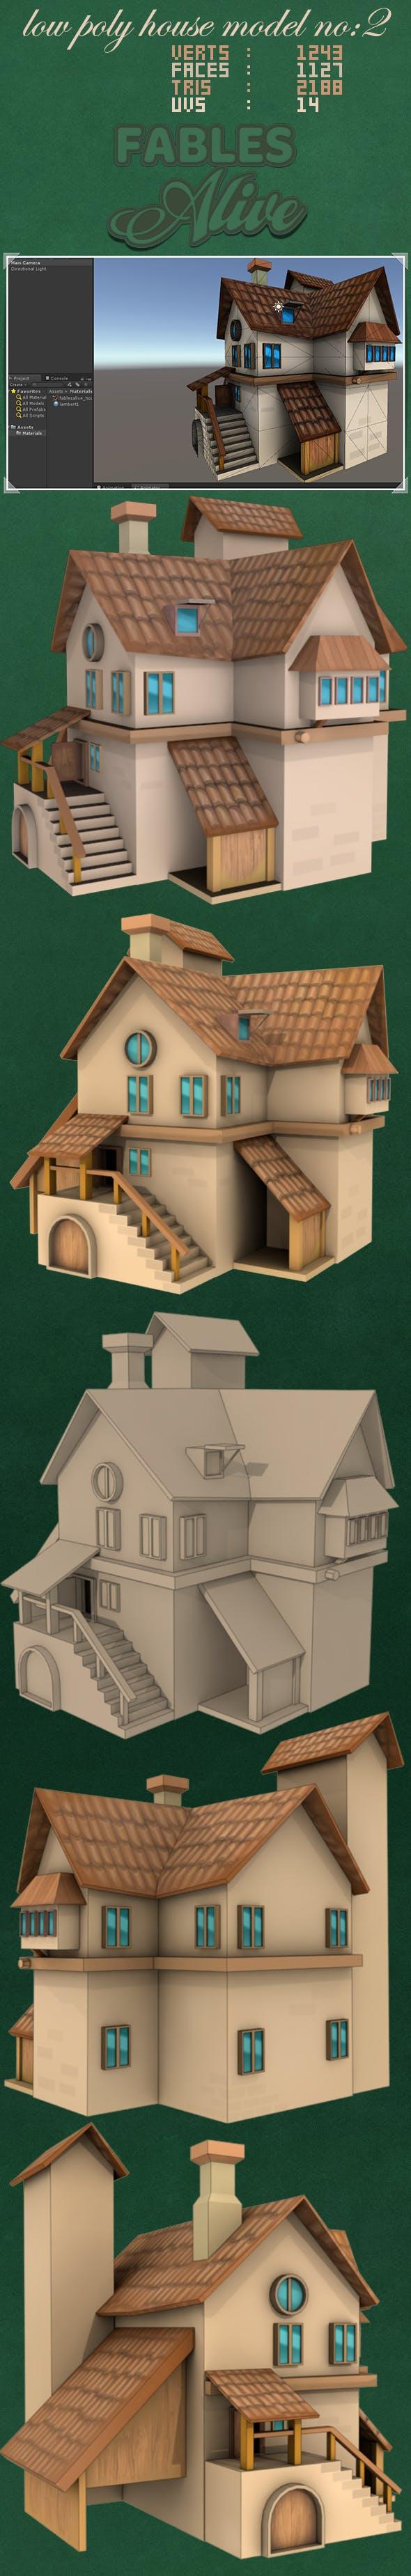 House Model 2 - (fablesalive game asset) - 3DOcean Item for Sale